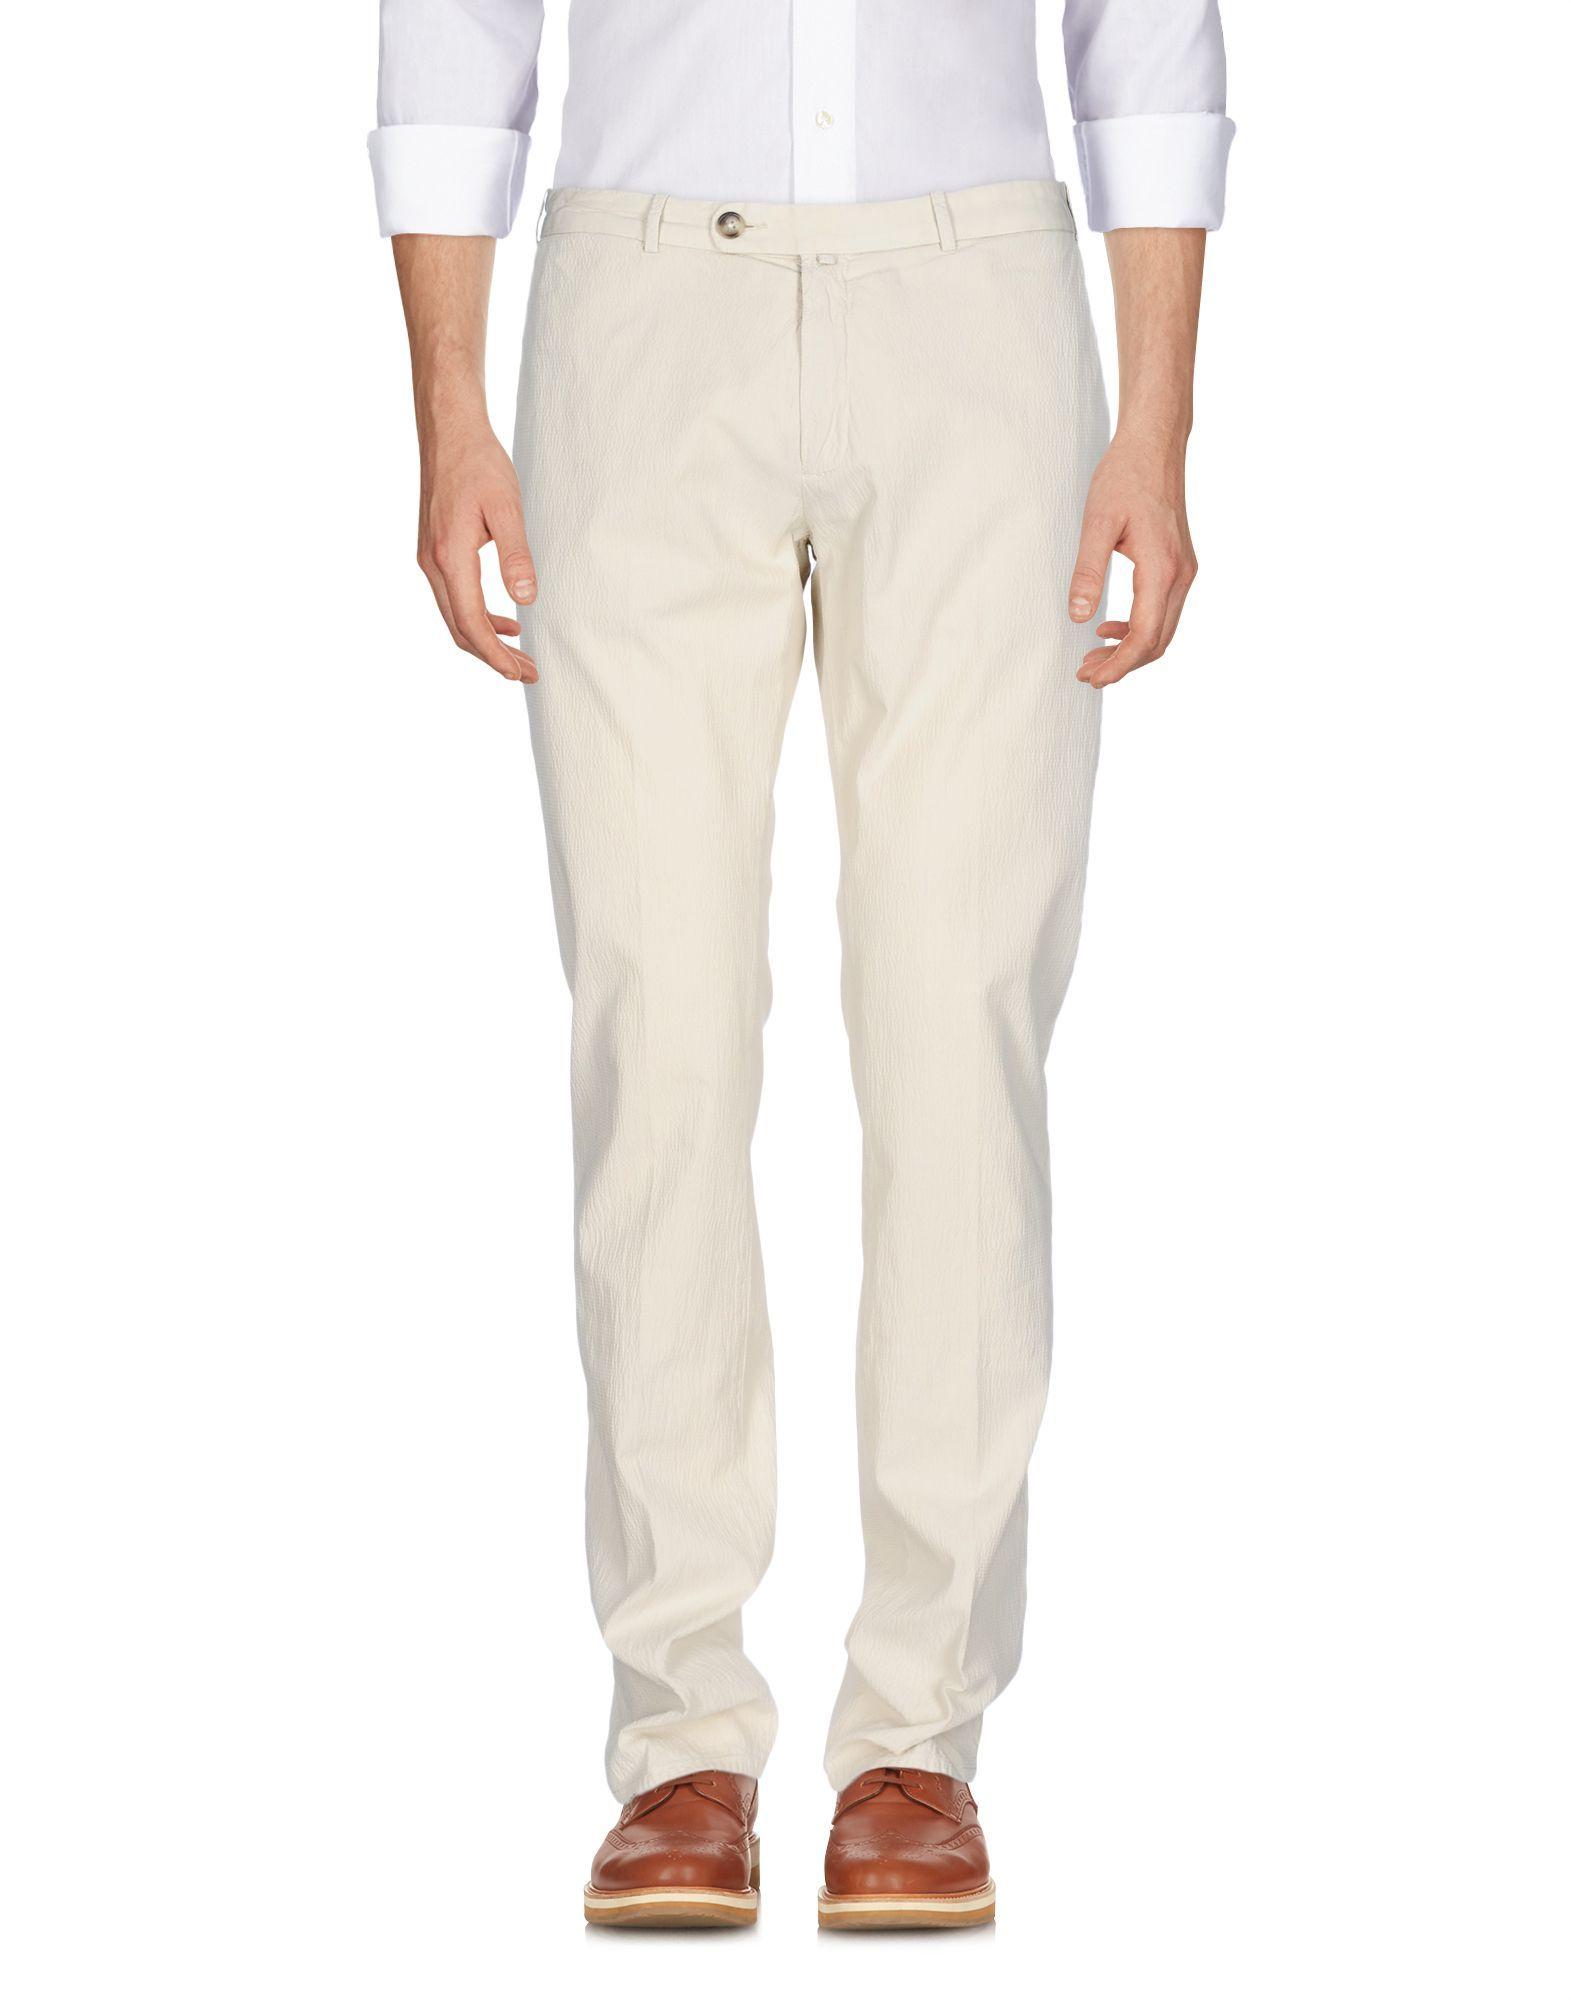 Luigi Borrelli Napoli Ivory Cotton Tapered Leg Trousers